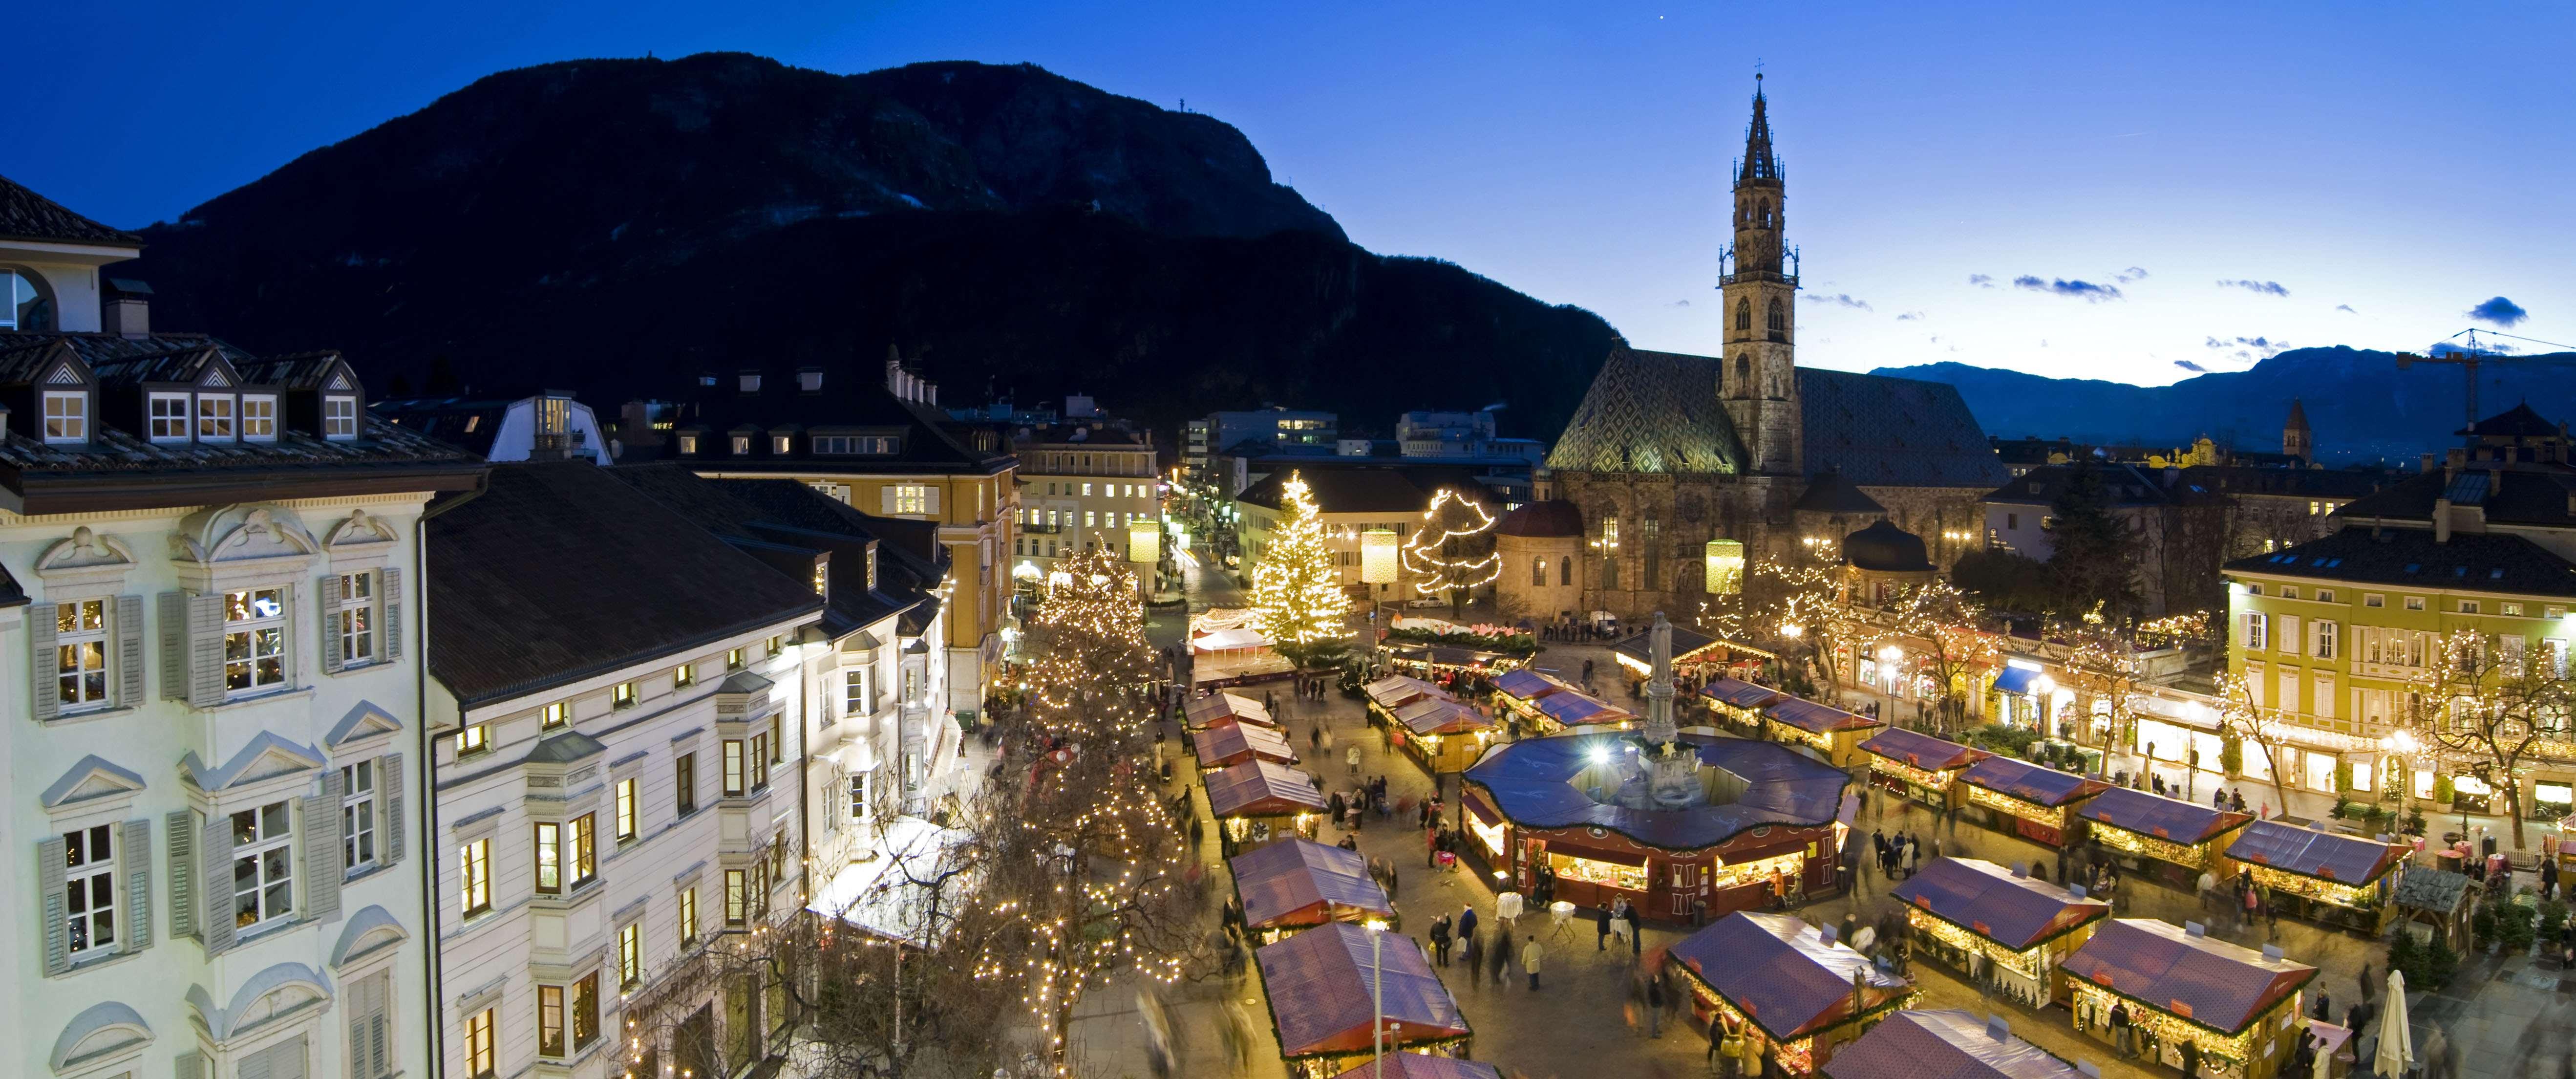 I mercatini di natale a bolzano in alto adige da 22 anni for Hotel a bressanone centro storico